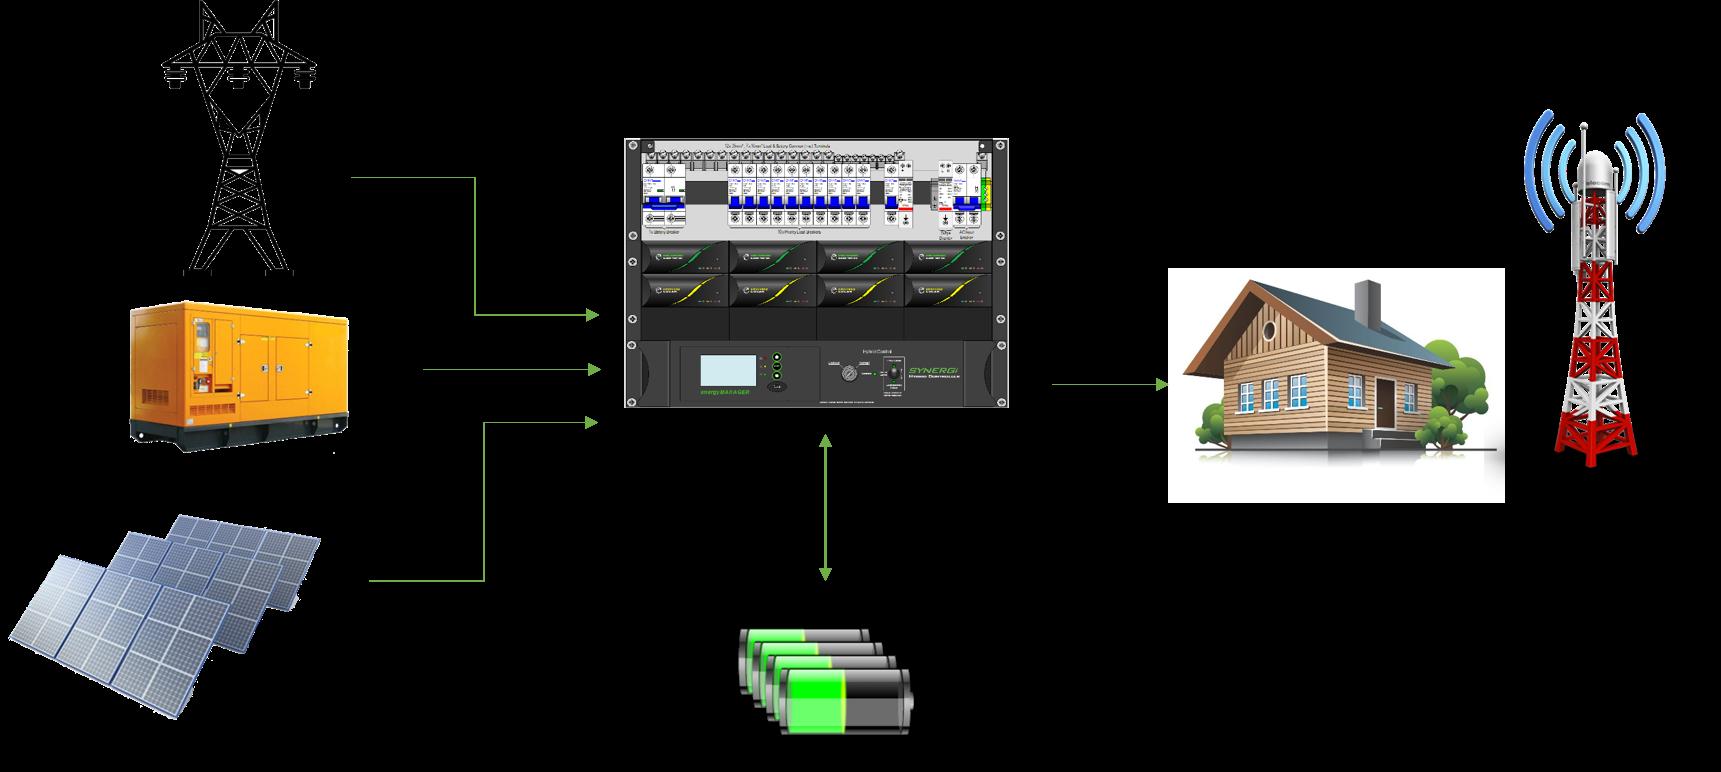 سیستم تغذیه هایبرید ایناتل دیزال-خورشیدی